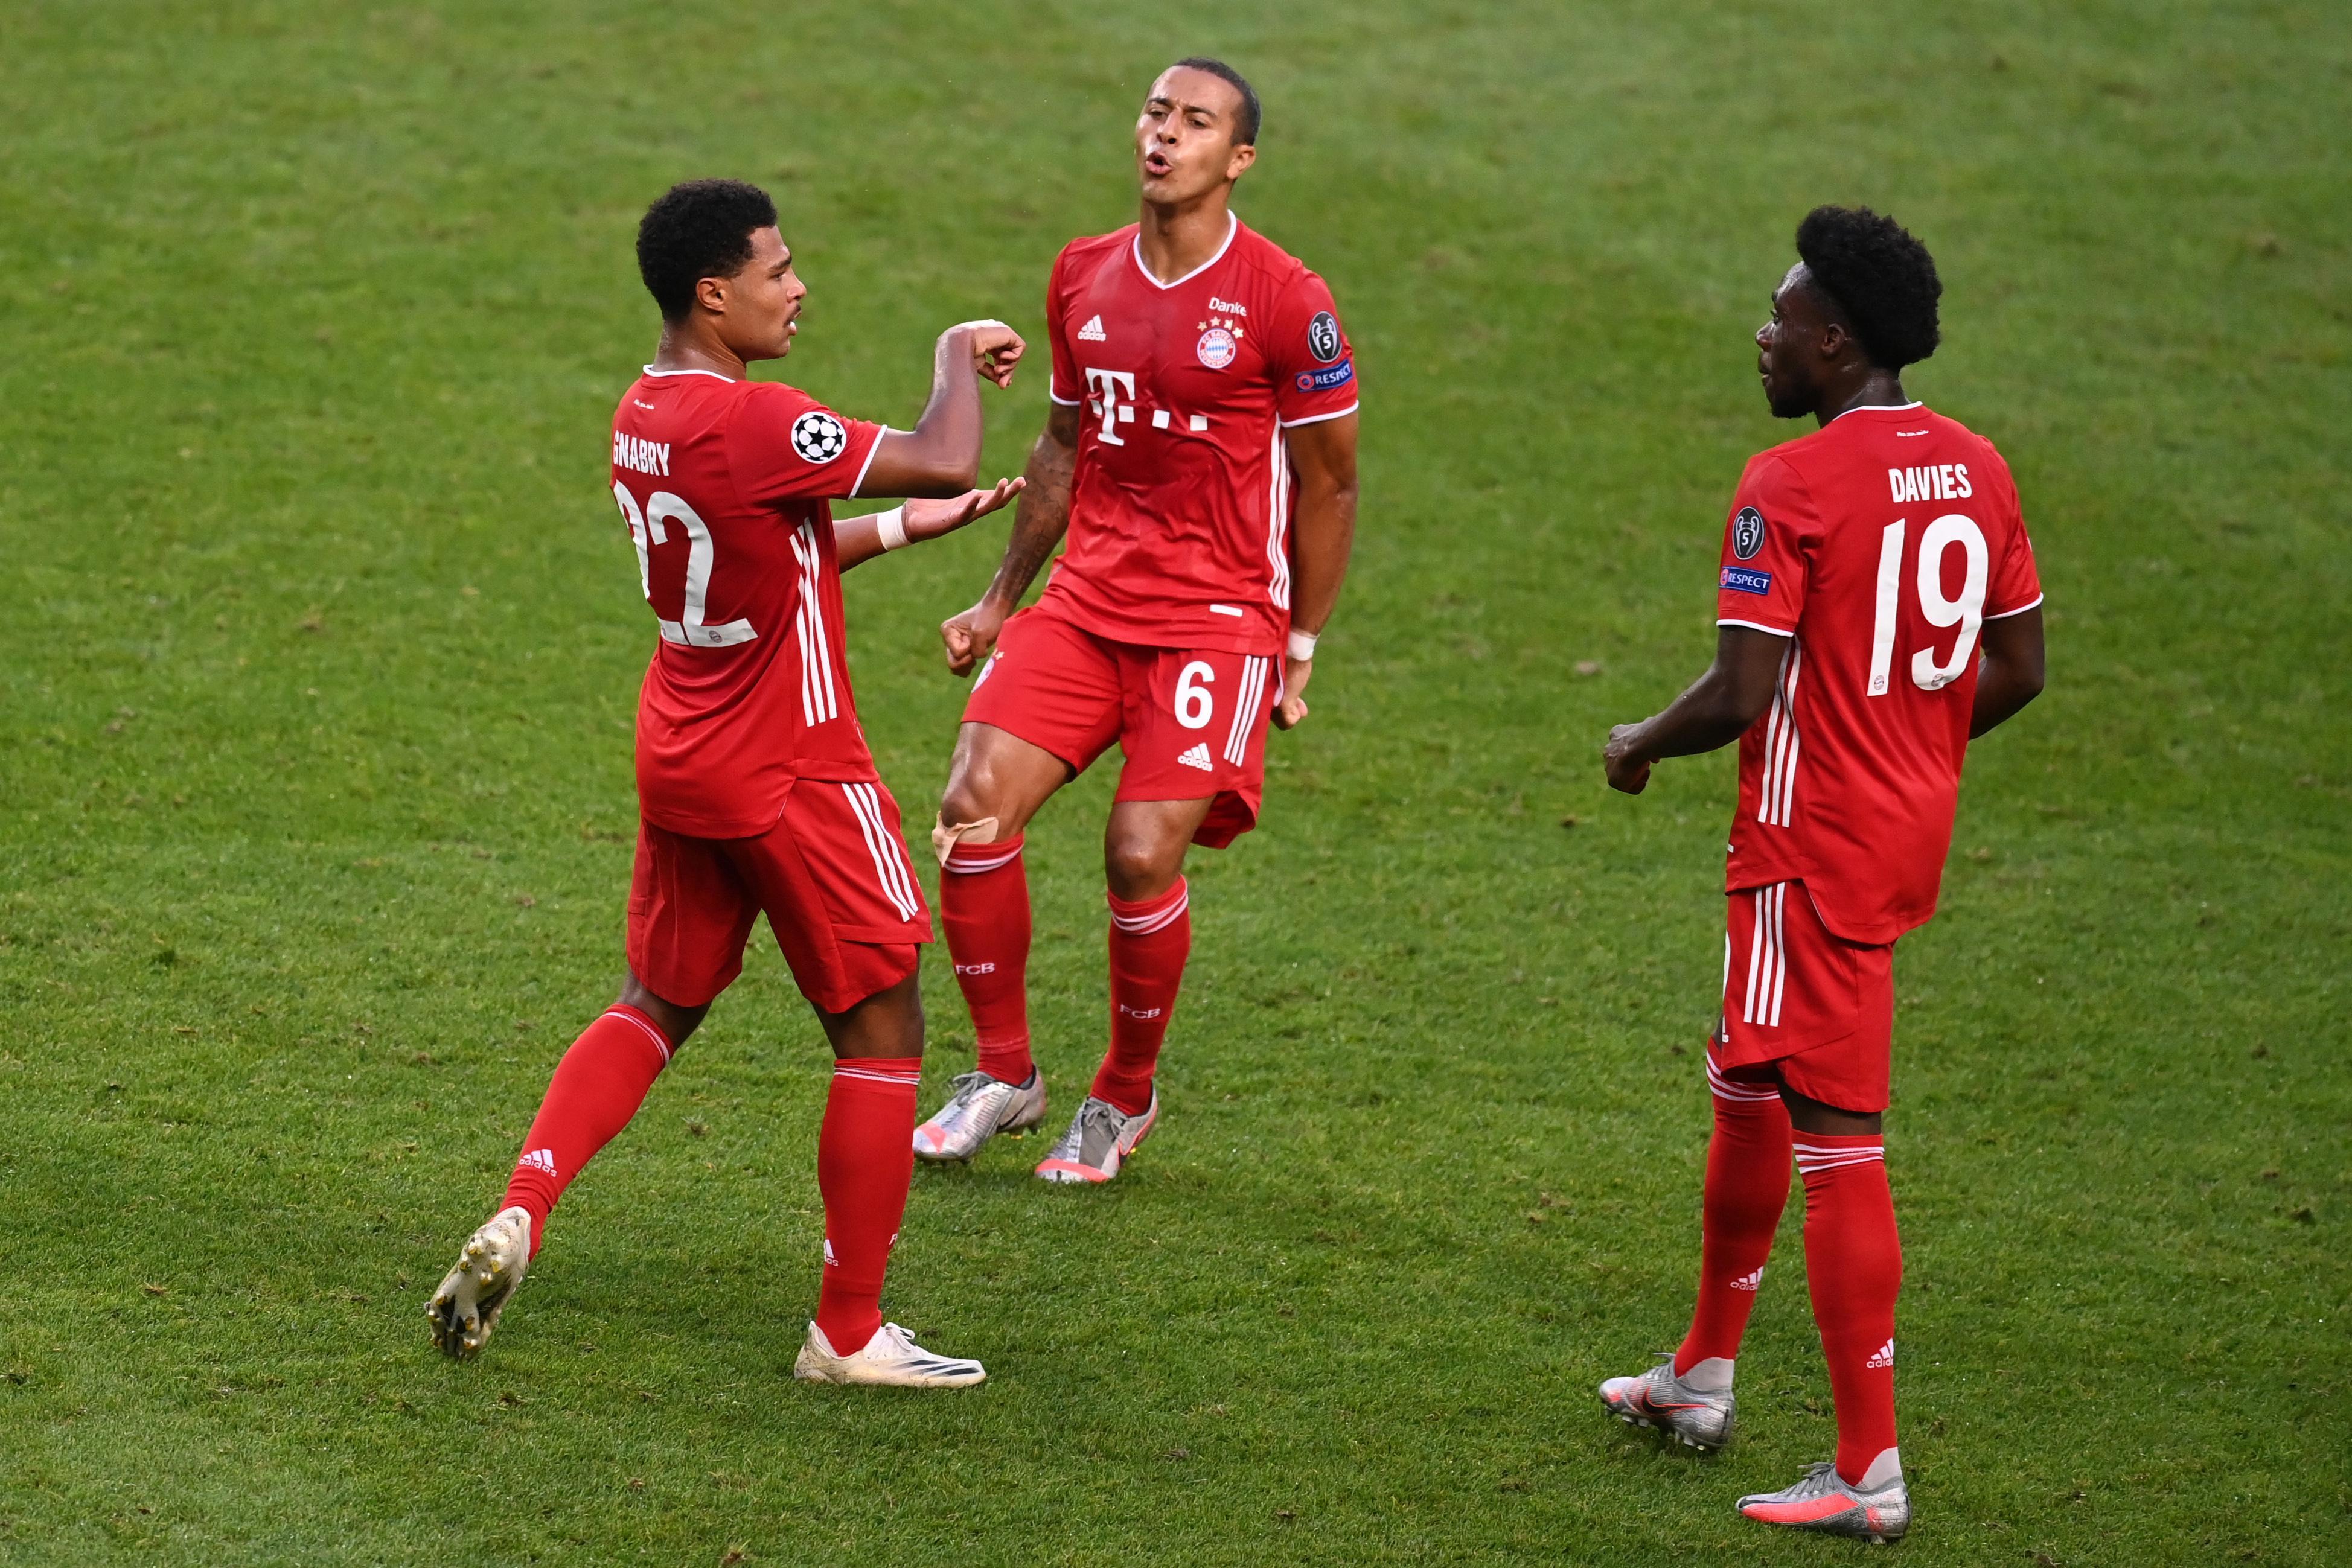 Serge Gnabry feiert sein 1:0 gegen Olympique Lyon. In der Champions League winken dem FC Bayern in diesem Jahr Rekordeinnahmen.